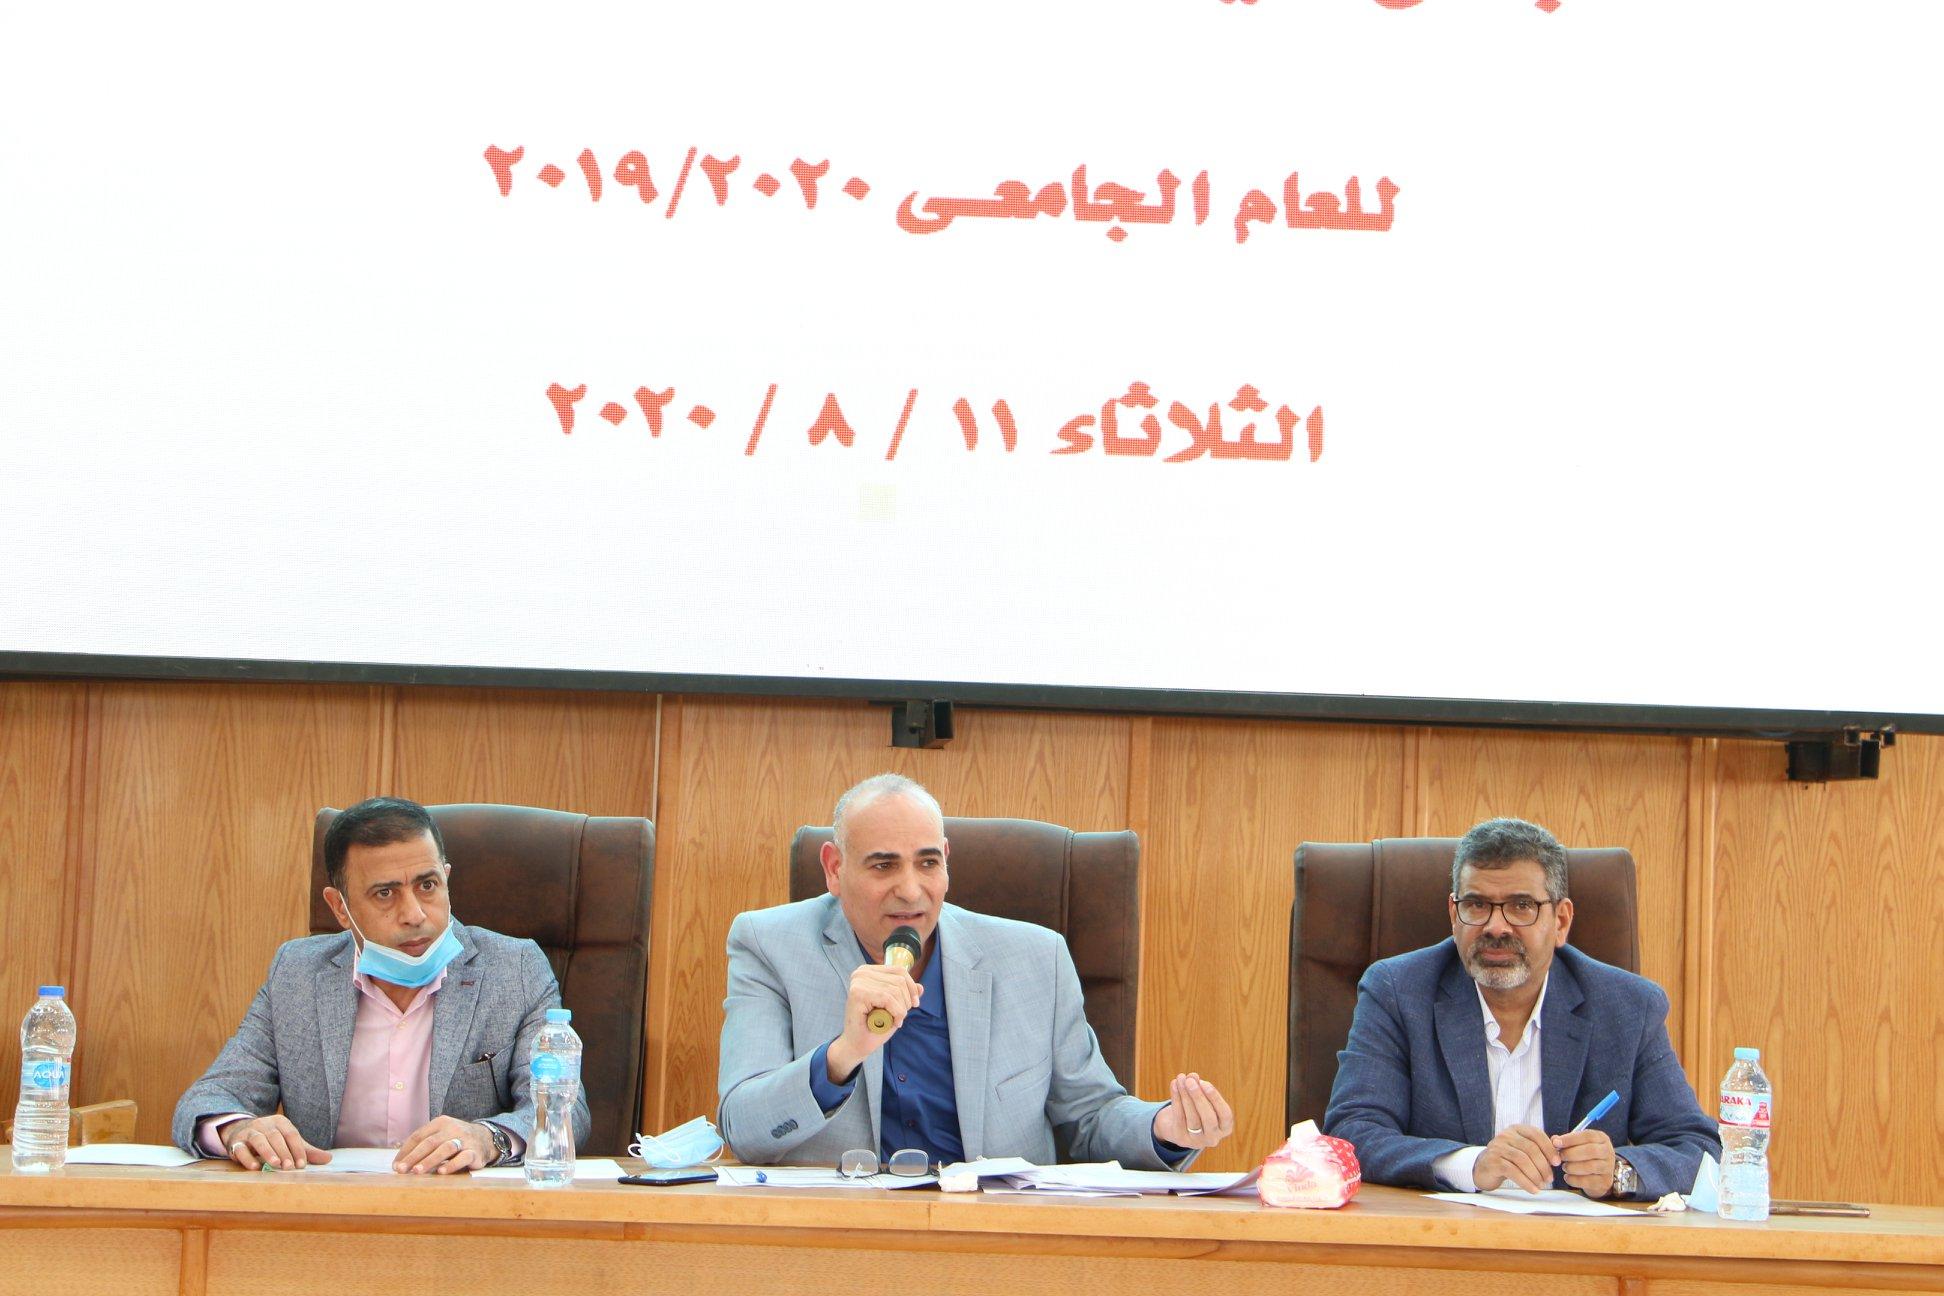 مجلـس كليـة طـب المنوفيــة يعقد جلستـه الثانيـة عشـر للعـام الجامعــي 2019 / 2020